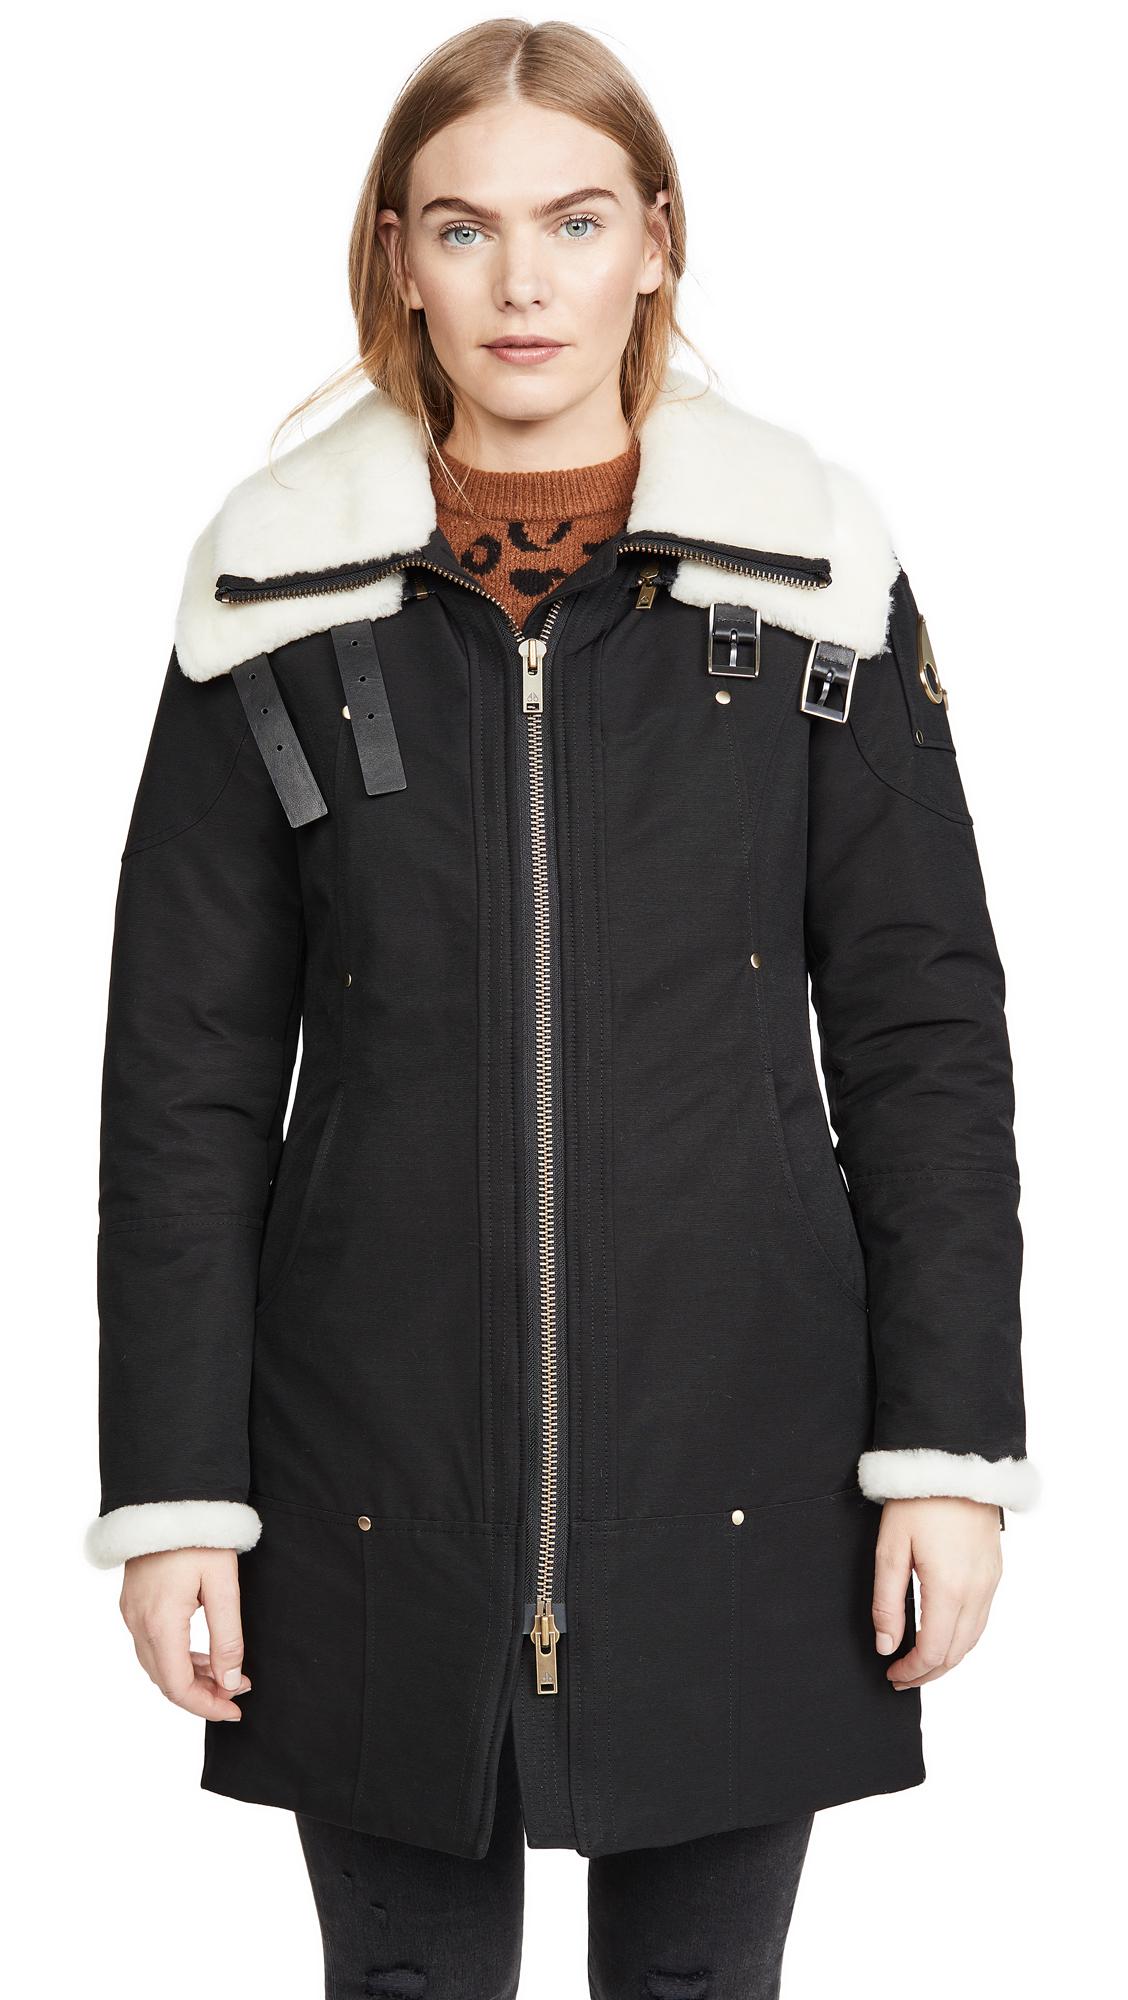 Buy Moose Knuckles Tompkins Parka online beautiful Moose Knuckles Jackets, Coats, Down Jackets